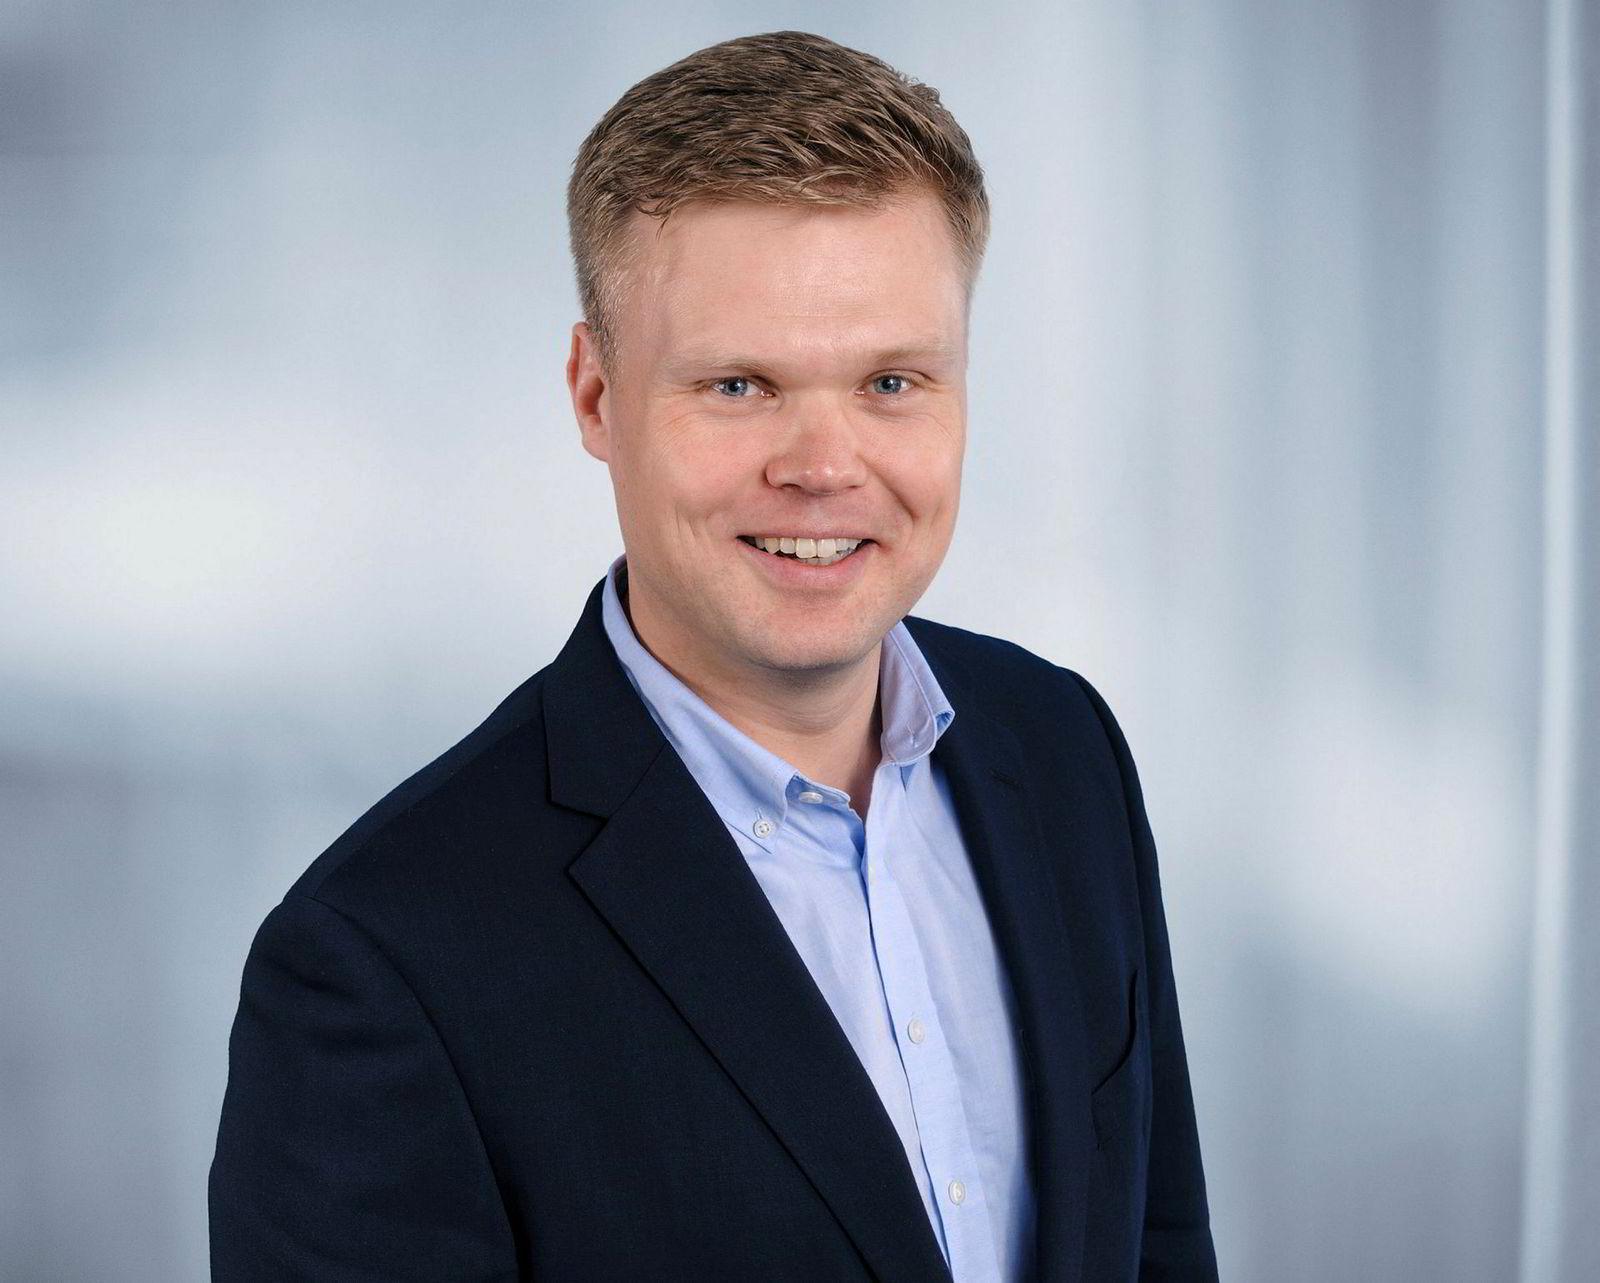 – Vi venter et sted mellom 30 til 50 letebrønner i året frem mot 2030, sier Oddmund Føre som er sjef for analyse av riggmarkedet i Rystad Energy.